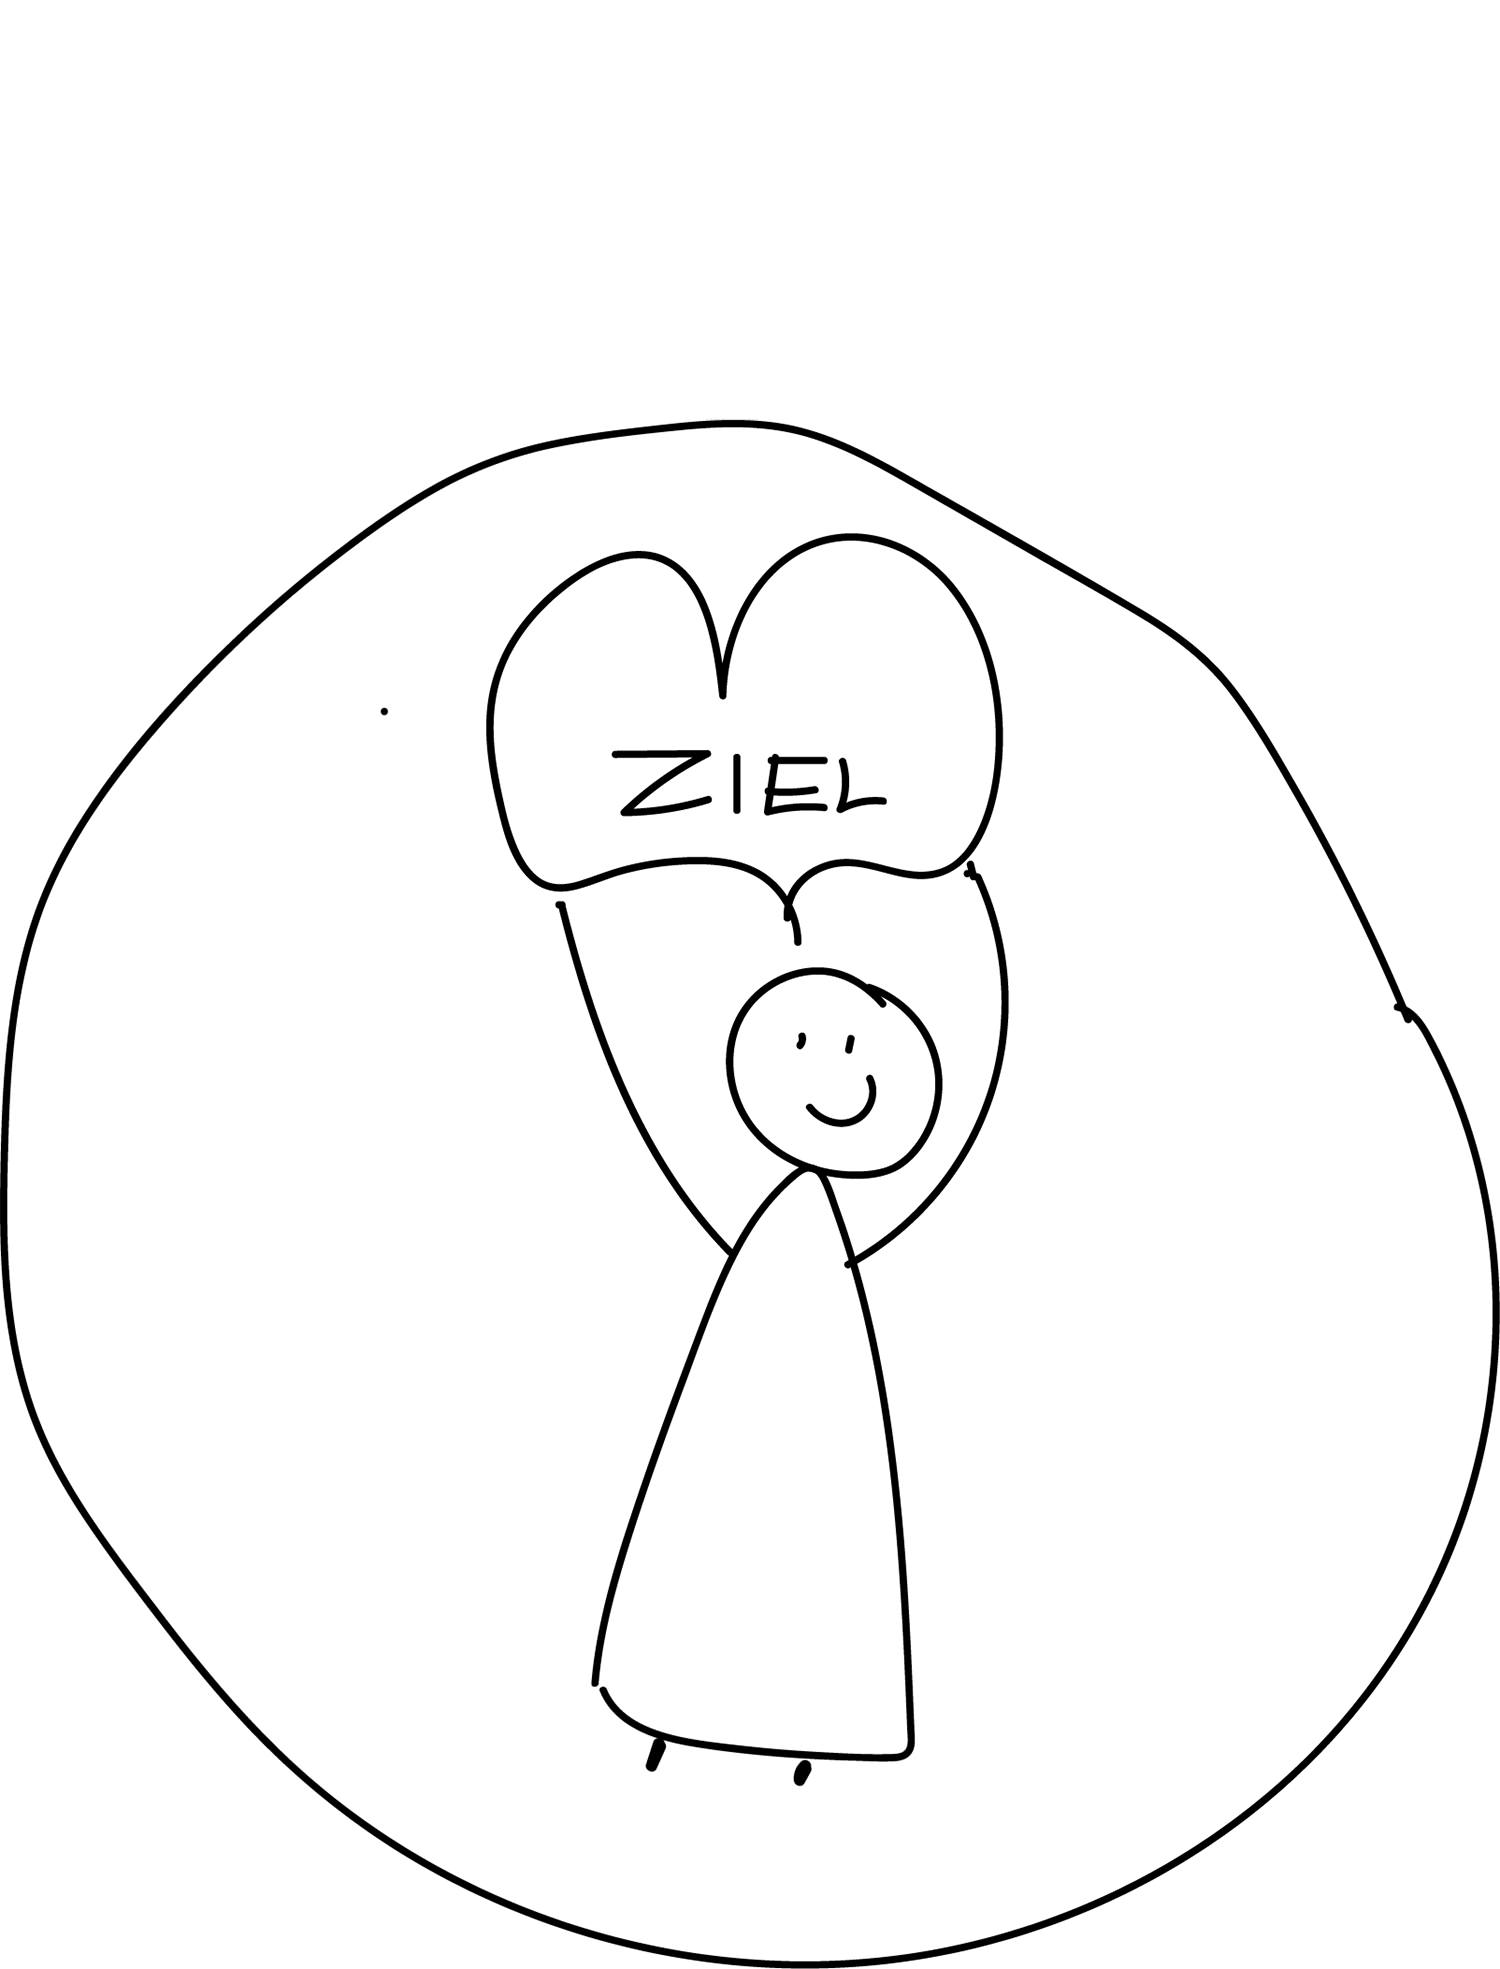 zeichnung-ziel